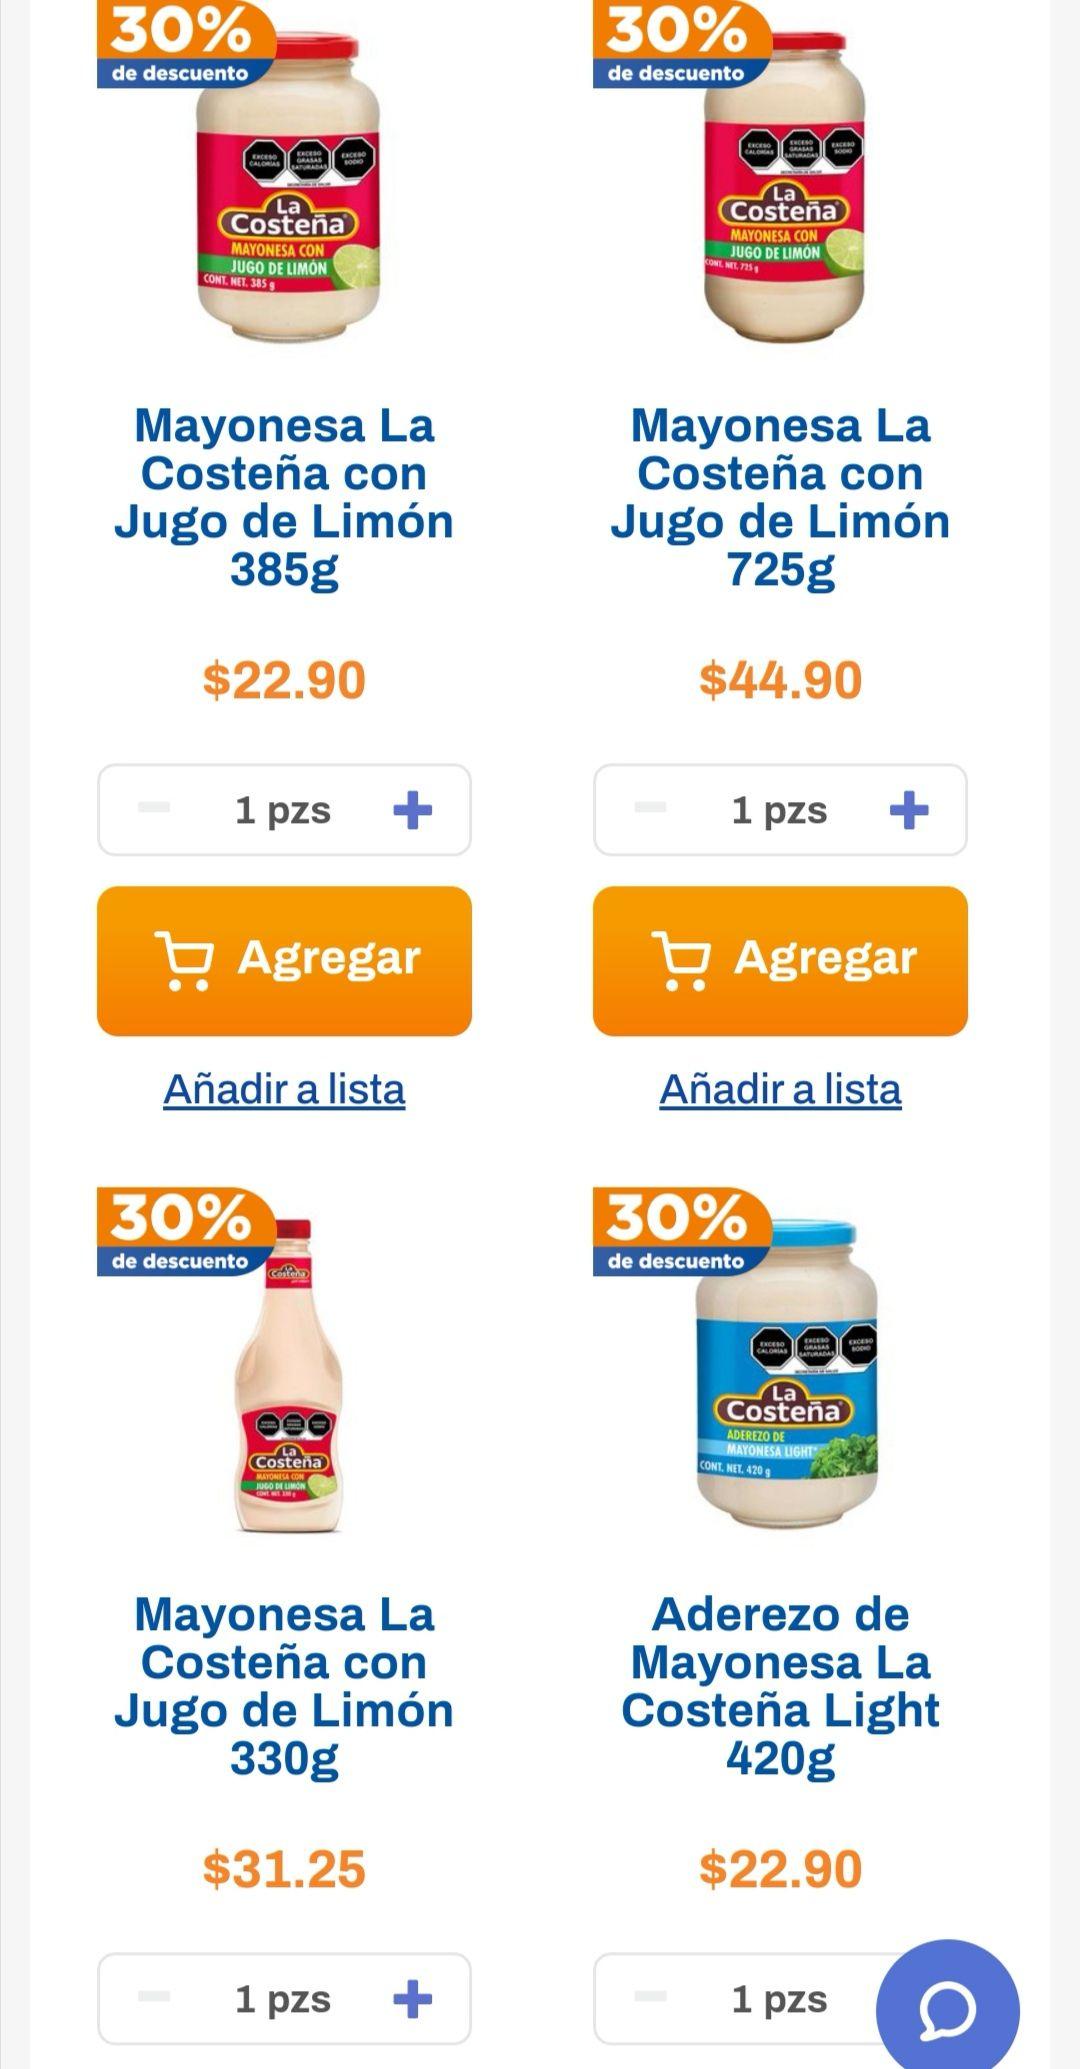 Chedraui: 30% de descuento en mayonesas La Costeña